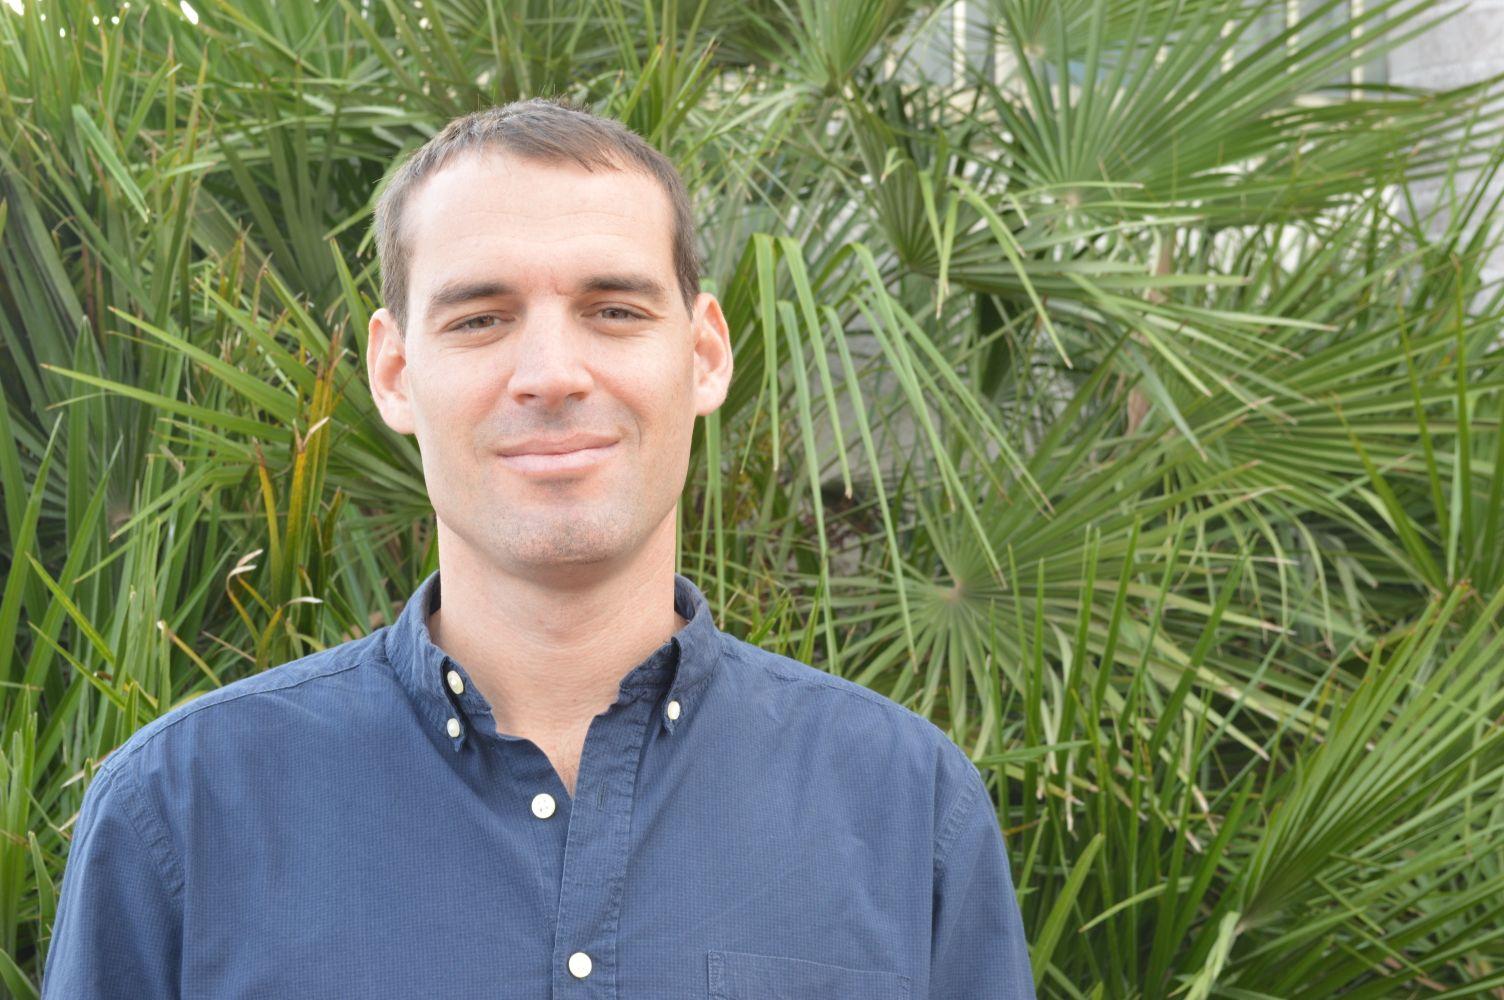 רון פולק מנהל תיכון דור. צילום: דוברות עיריית הרצליה